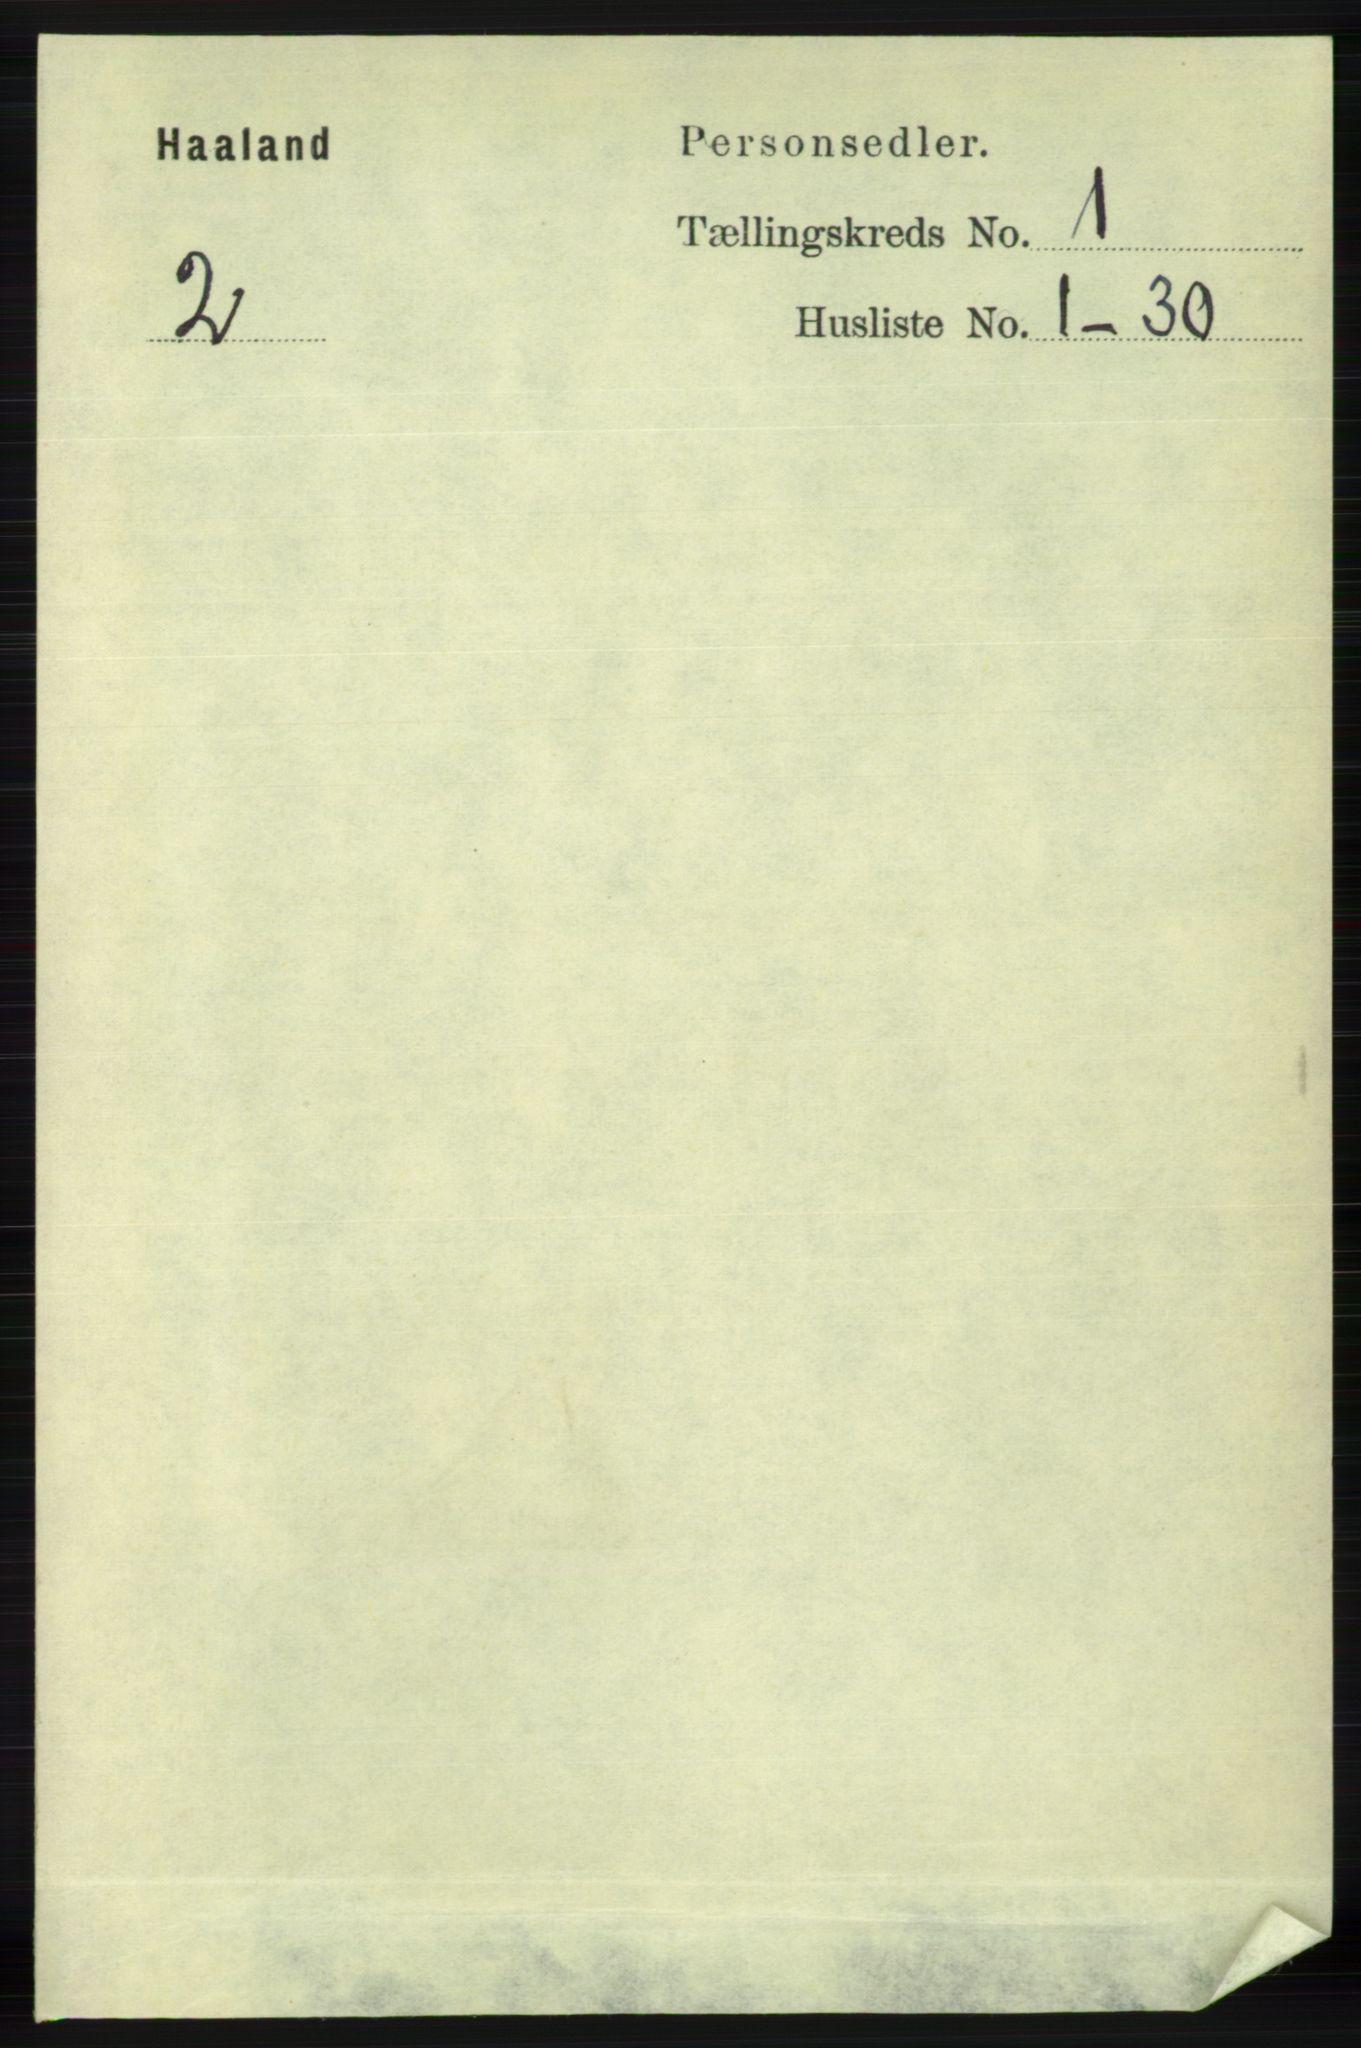 RA, Folketelling 1891 for 1124 Haaland herred, 1891, s. 130